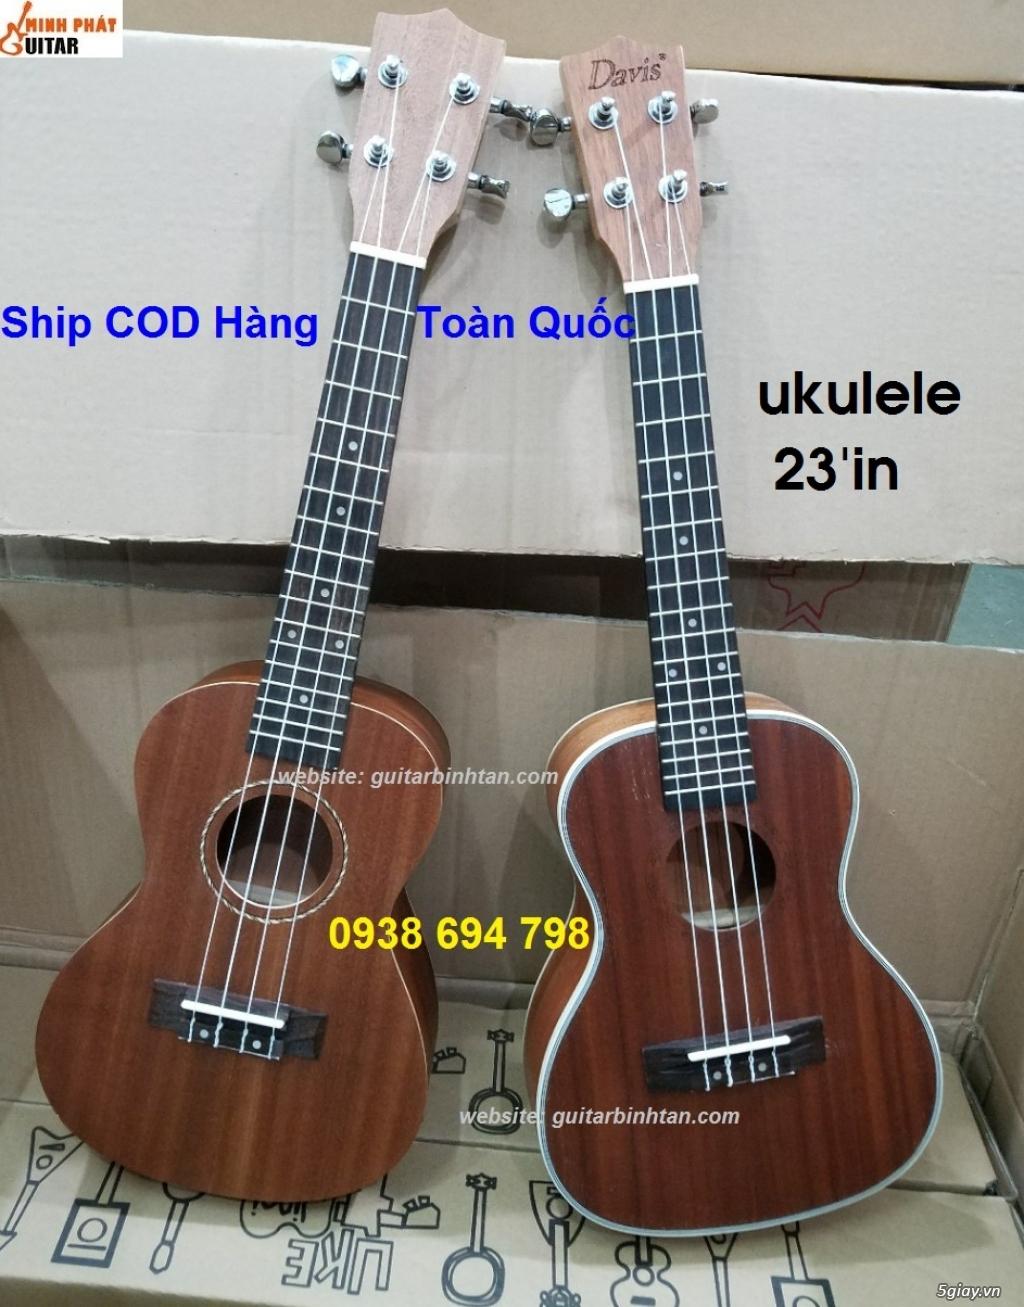 Đàn ukulele giá rẻ toàn quốc - ship COD toàn quốc - 16